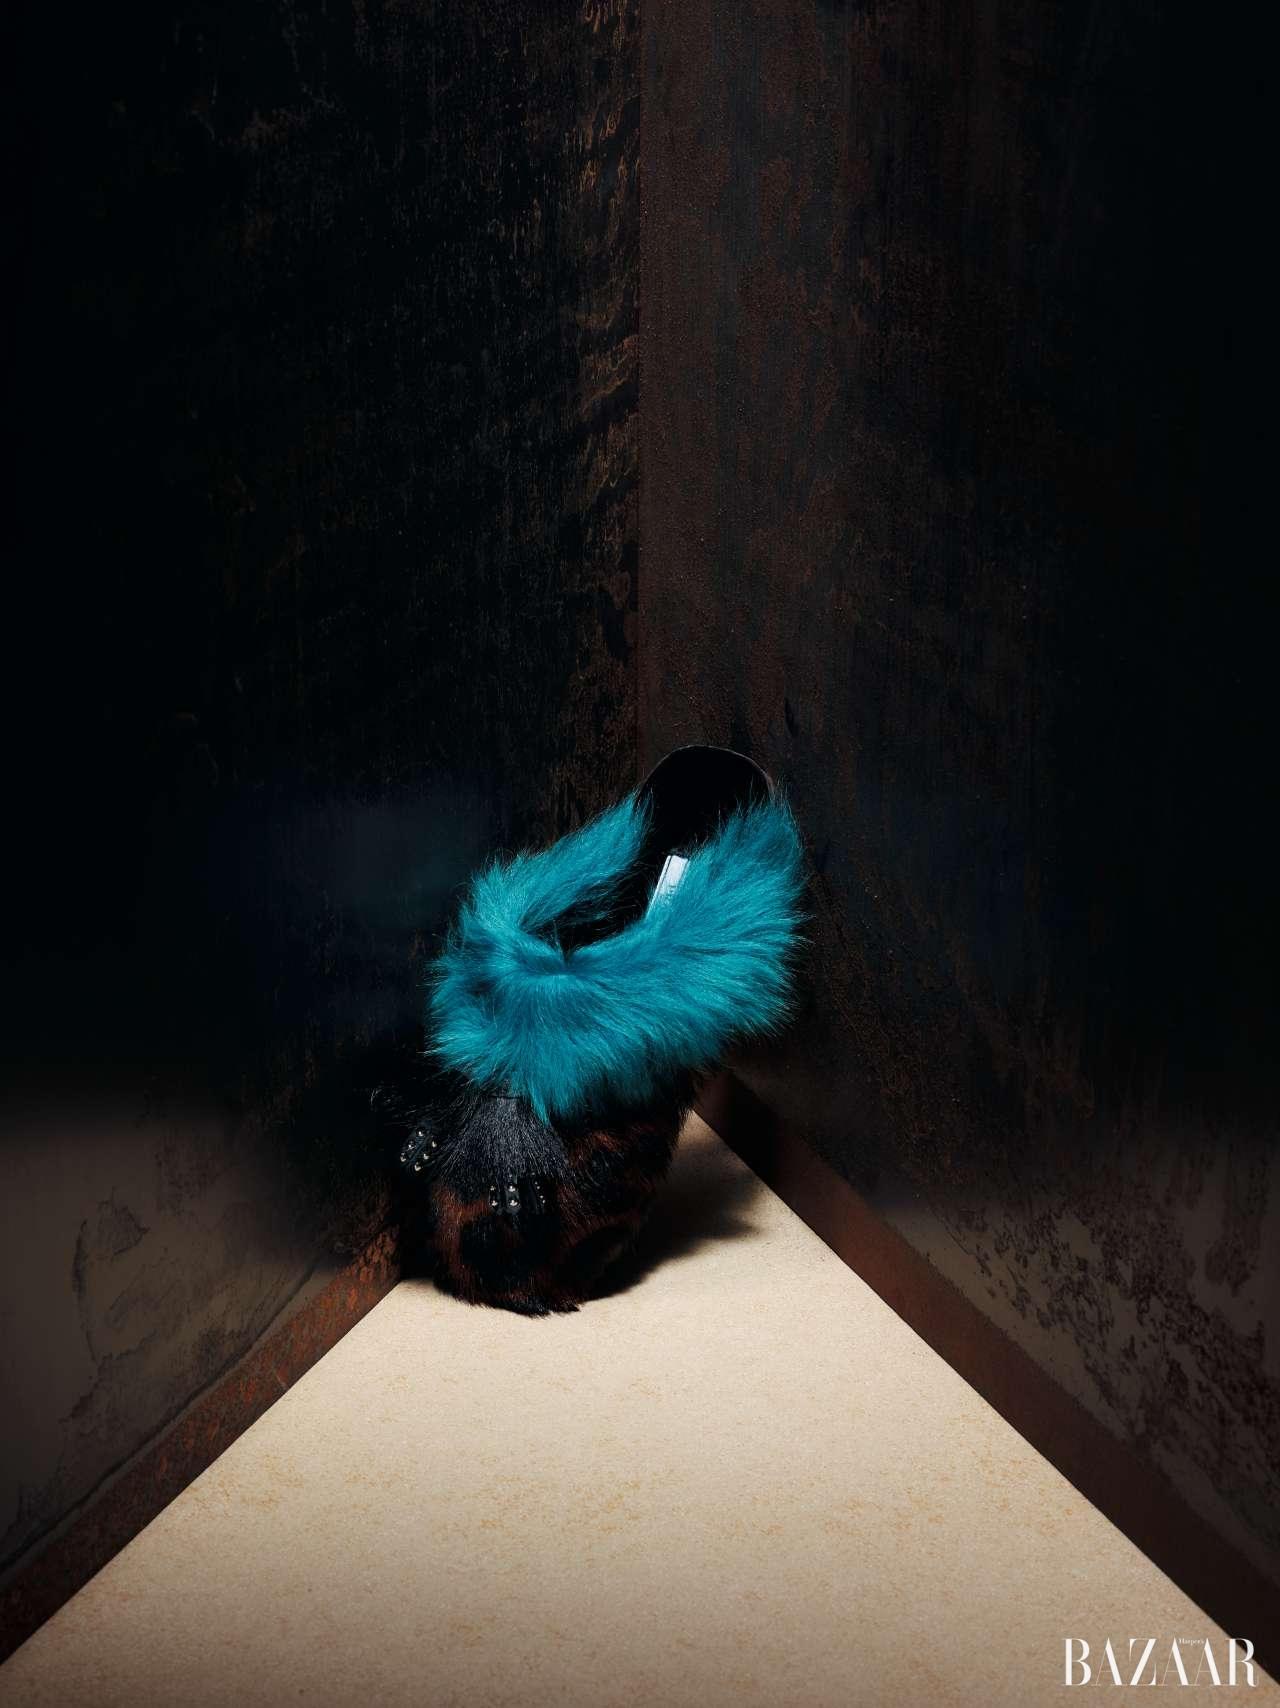 태슬 장식과 레오퍼드, 컬러 포인트 퍼가 귀엽게 조화를 이룬 슬라이드는 1백19만원으로 Prada